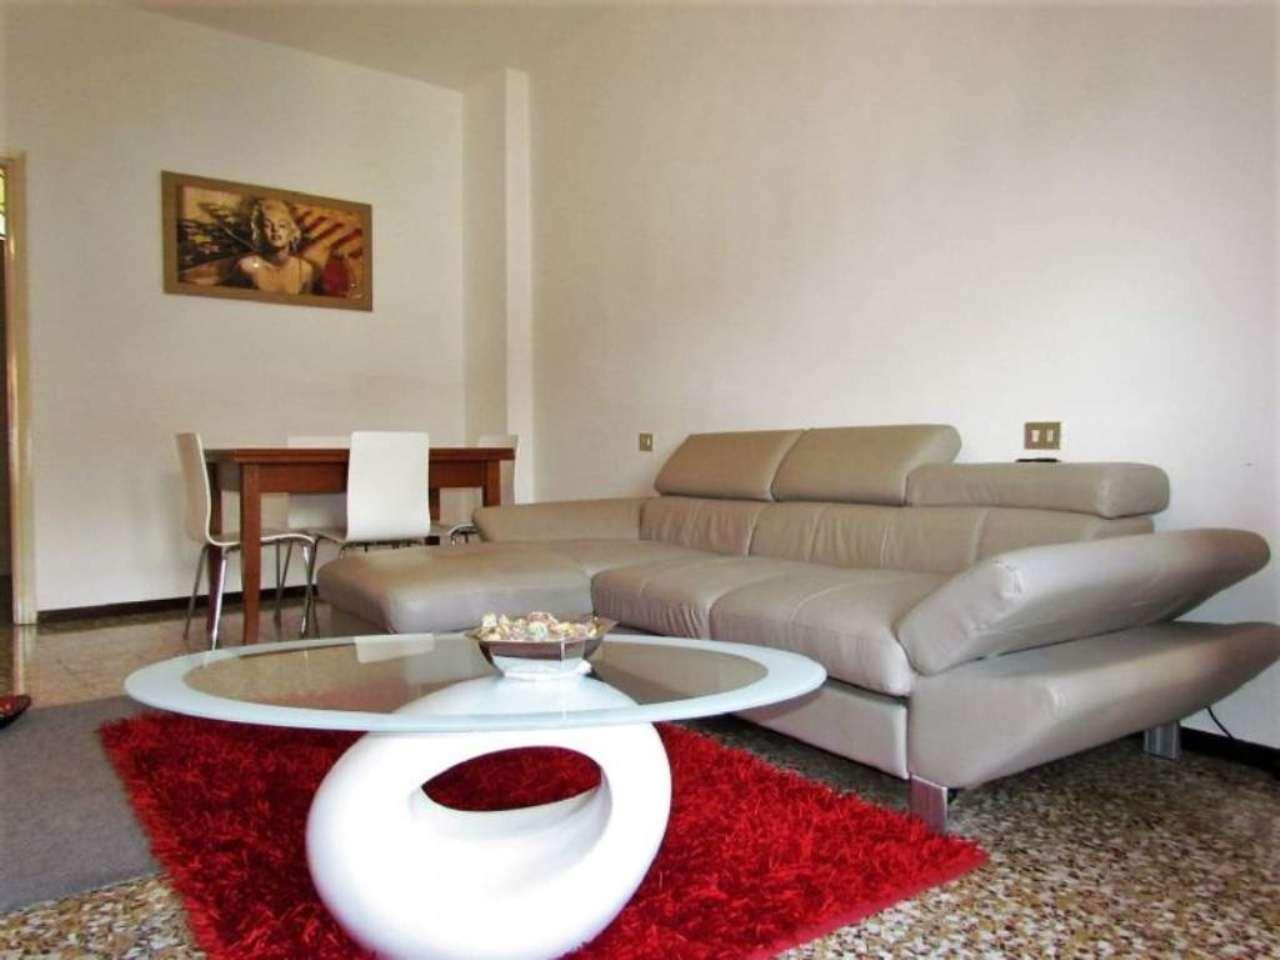 Appartamento in vendita a Tradate, 2 locali, prezzo € 75.000   Cambio Casa.it